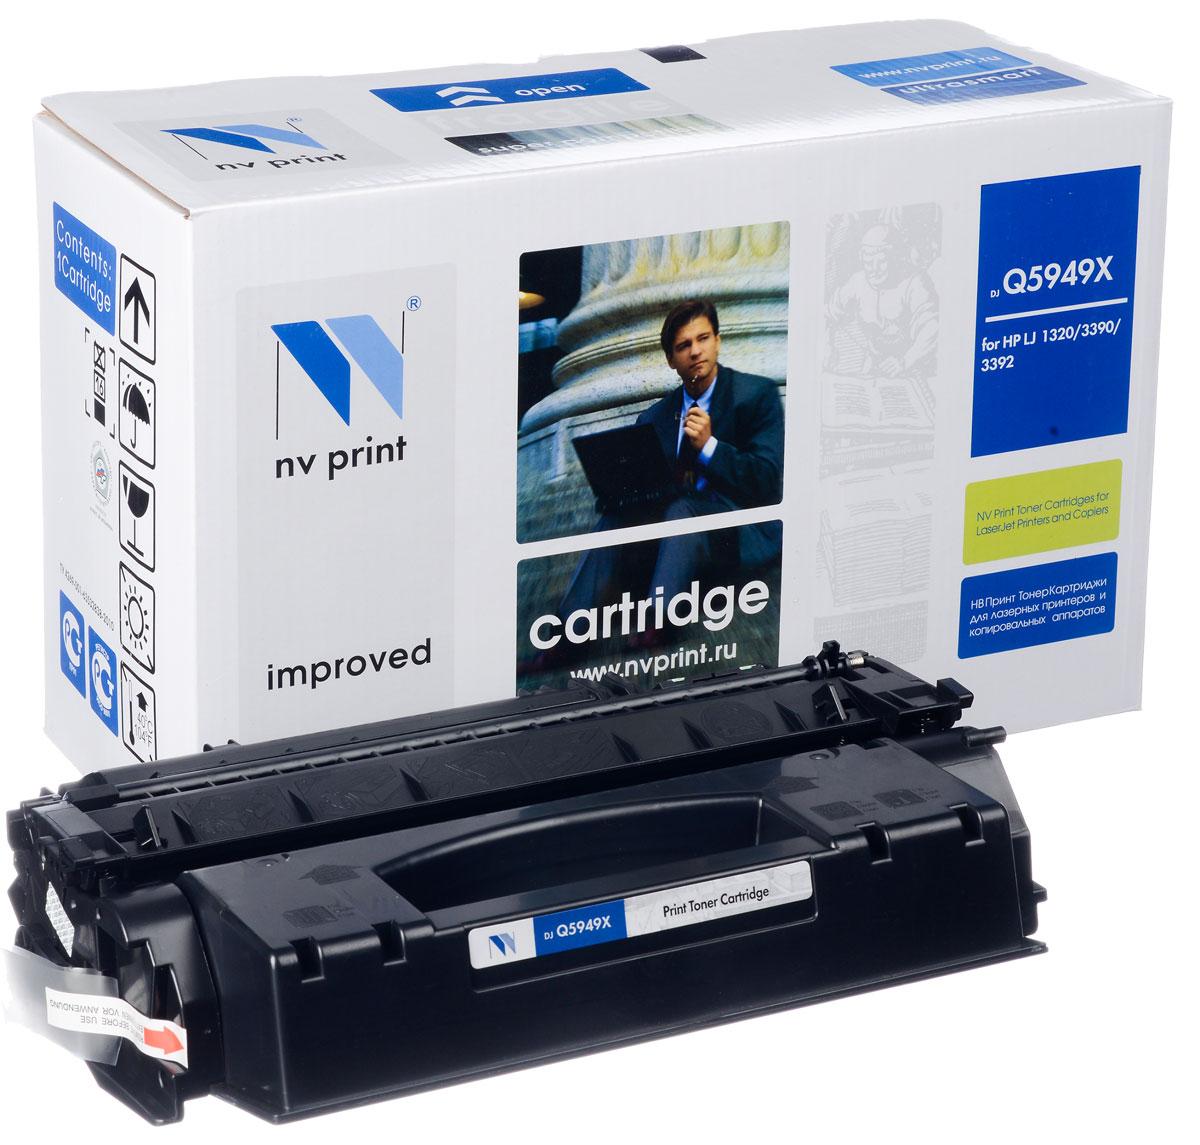 NV Print NV-Q5949X, Black тонер-картридж для HP LaserJet 1320/3390/3392NV-Q5949XСовместимый лазерный картридж NV Print NV-Q5949X для печатающих устройств HP - это альтернатива приобретению оригинальных расходных материалов. При этом качество печати остается высоким. Картридж обеспечивает повышенную чёткость чёрного текста и плавность переходов оттенков серого цвета и полутонов, позволяет отображать мельчайшие детали изображения. Лазерные принтеры, копировальные аппараты и МФУ являются более выгодными в печати, чем струйные устройства, так как лазерных картриджей хватает на значительно большее количество отпечатков, чем обычных. Для печати в данном случае используются не чернила, а тонер.